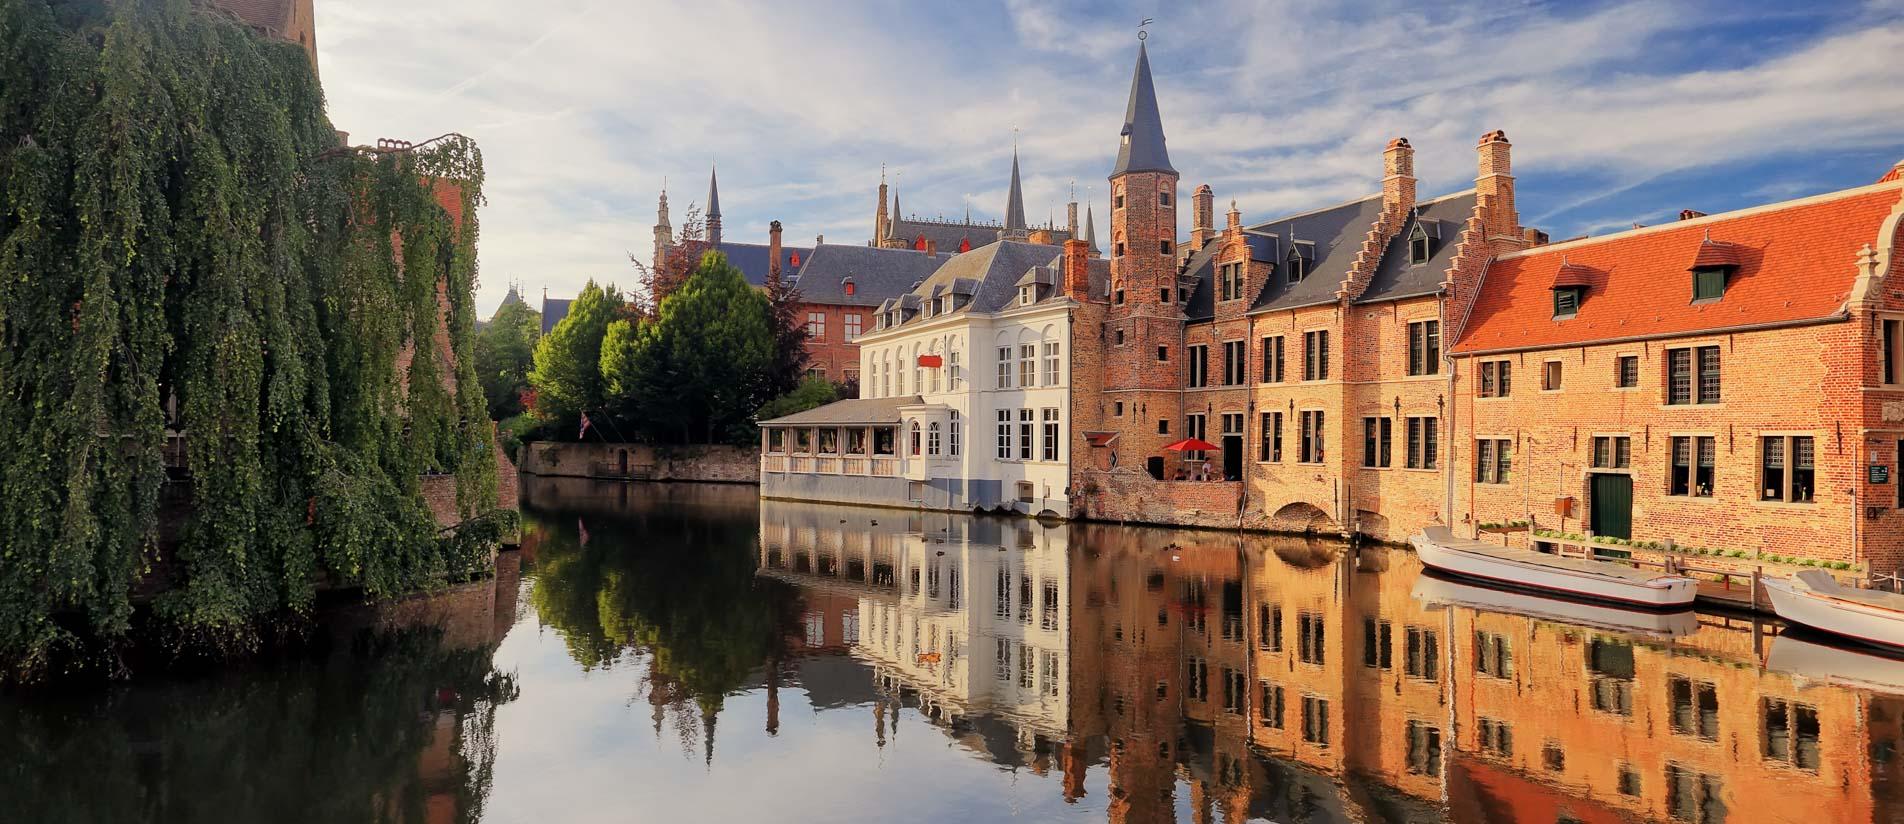 Бельгия: достопримечательности и особенности отдыха